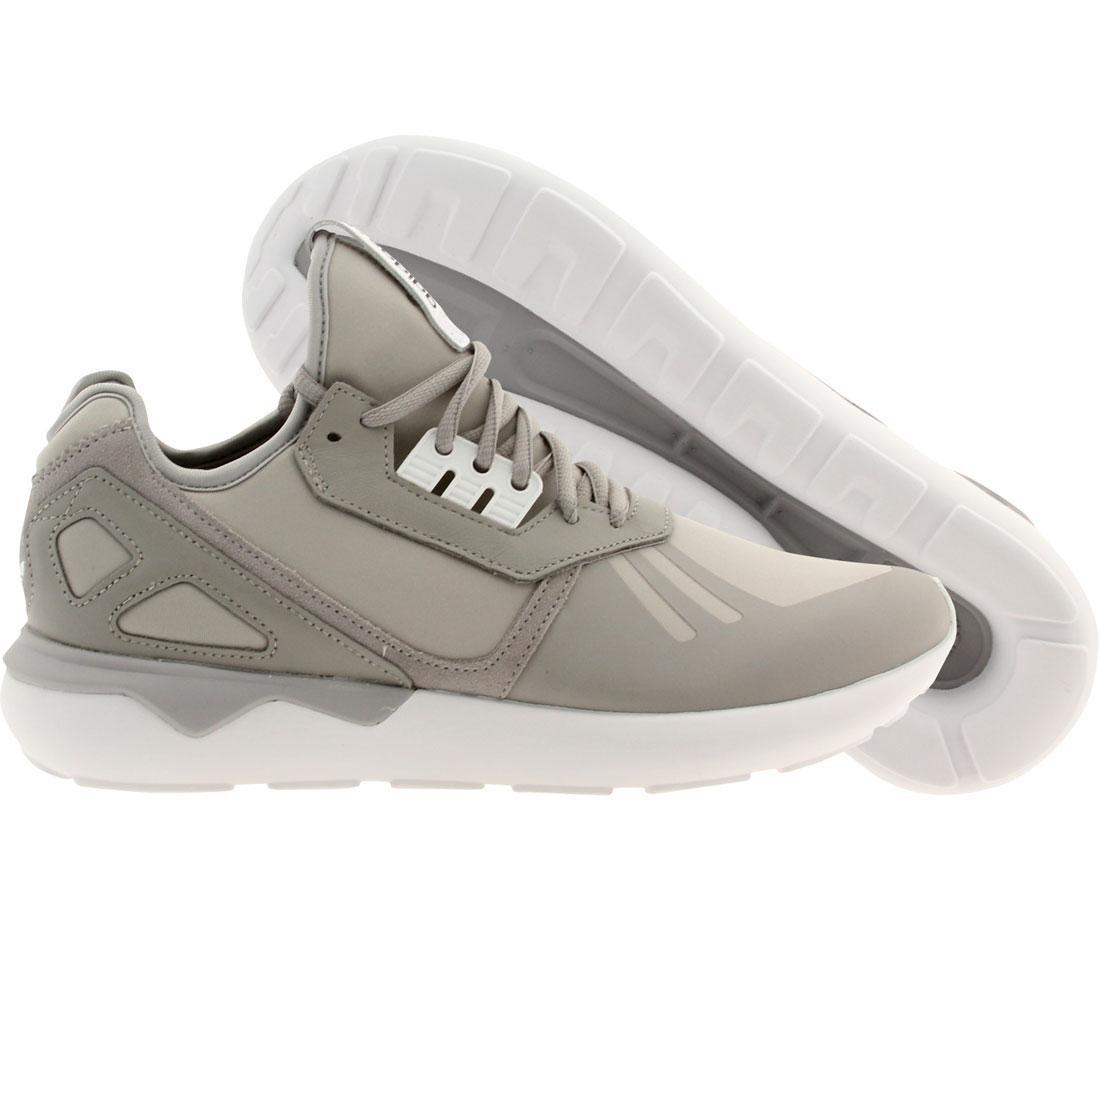 【海外限定】アディダス メンズ靴 スニーカー 【 ADIDAS MEN TUBULAR RUNNER GRAY MGSOGR FTWWHT 】